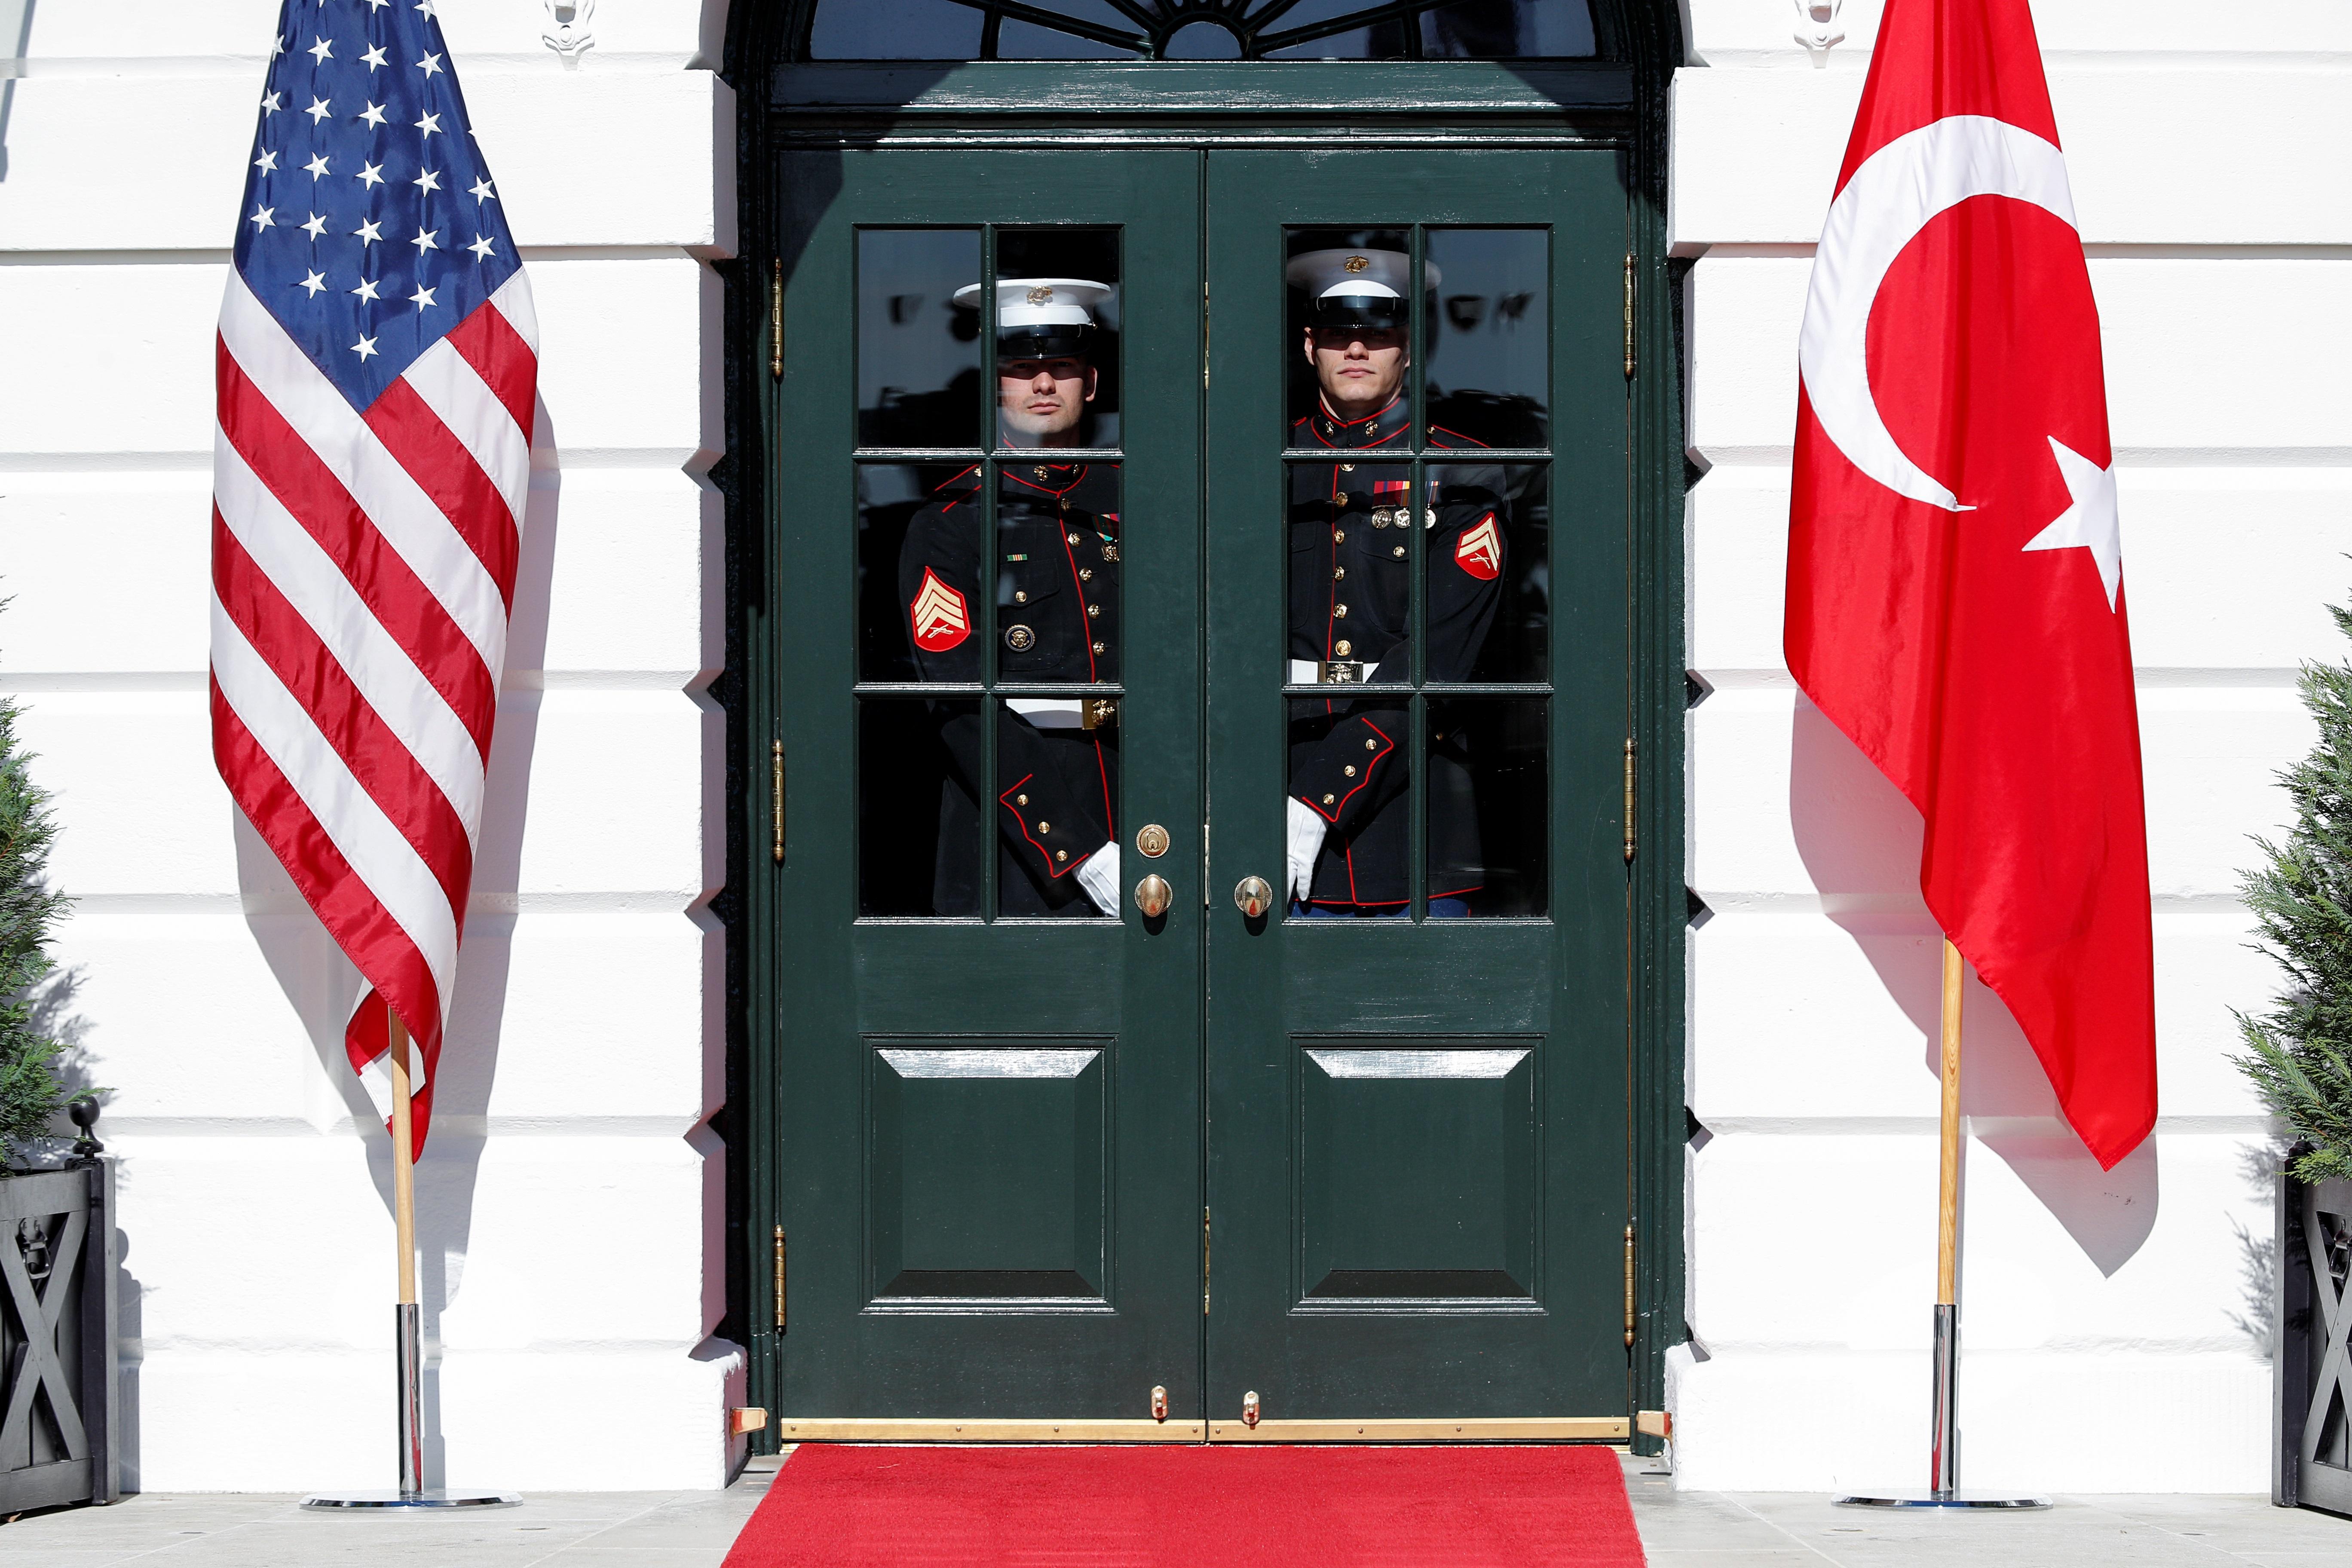 «Μπαρούτι» η Τουρκία με τις ΗΠΑ: Απελευθερώνεται ο δολοφόνος του Τούρκου πρόξενου στο Λος Άντζελες